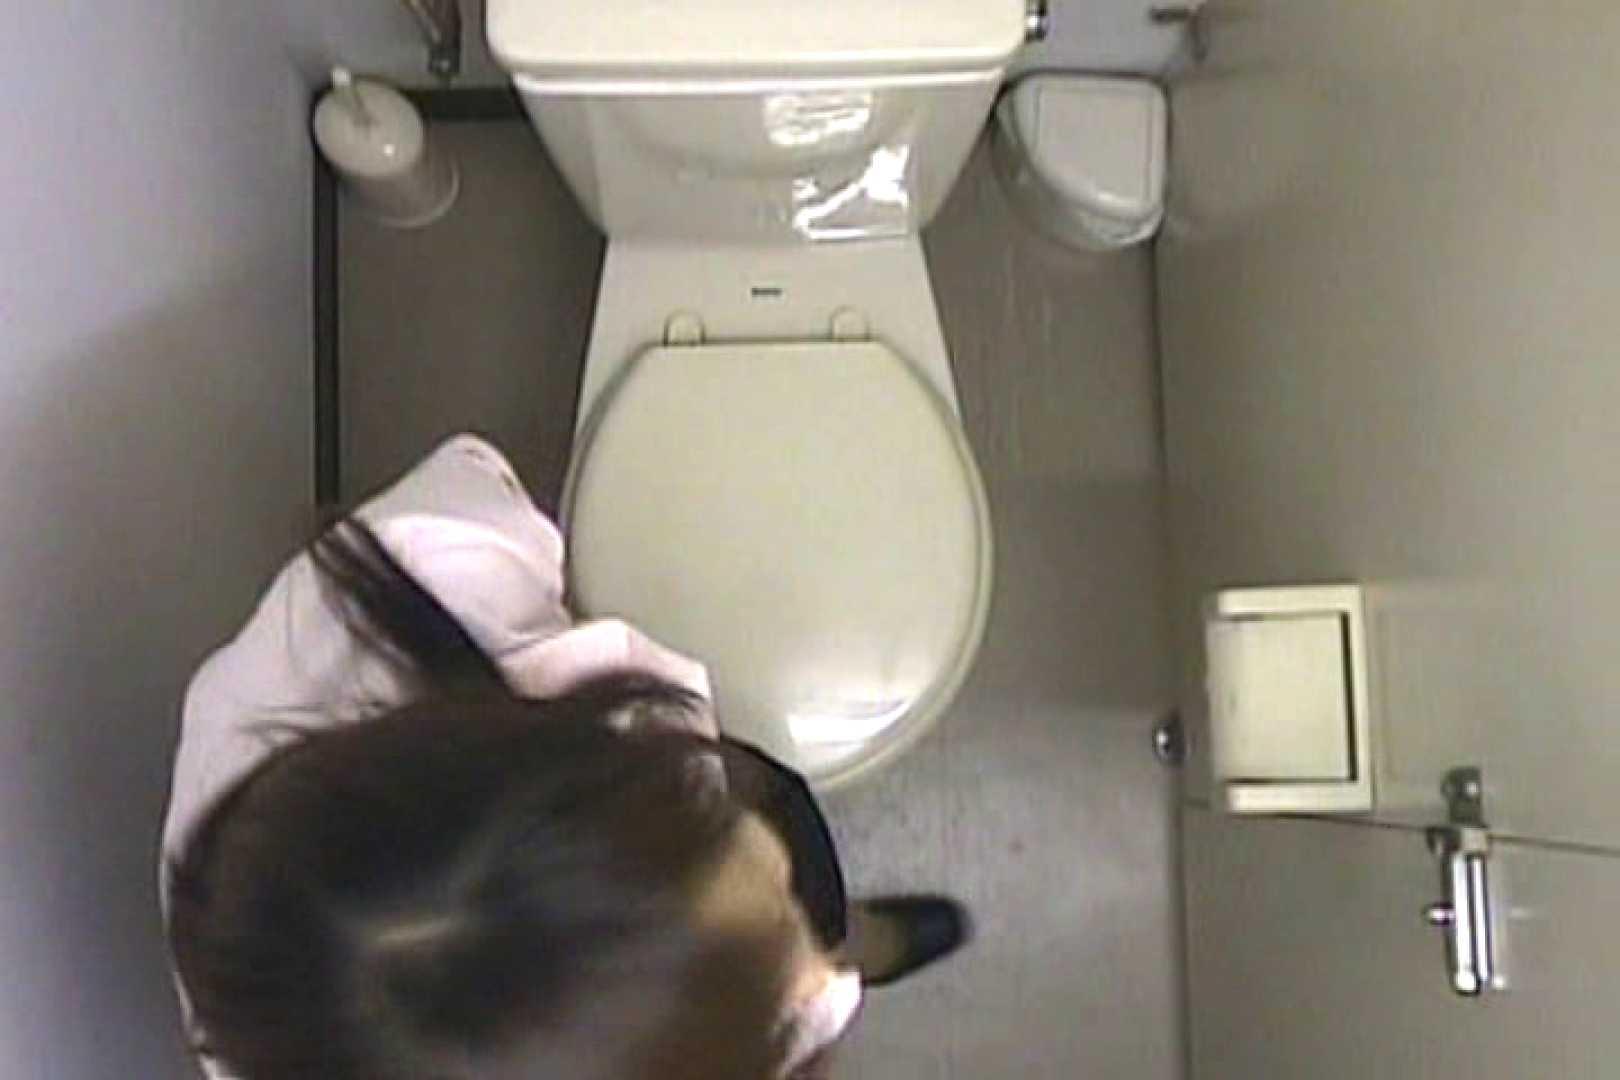 雑居ビル洗面所オナニーVol.4 エロすぎオナニー SEX無修正画像 83画像 16